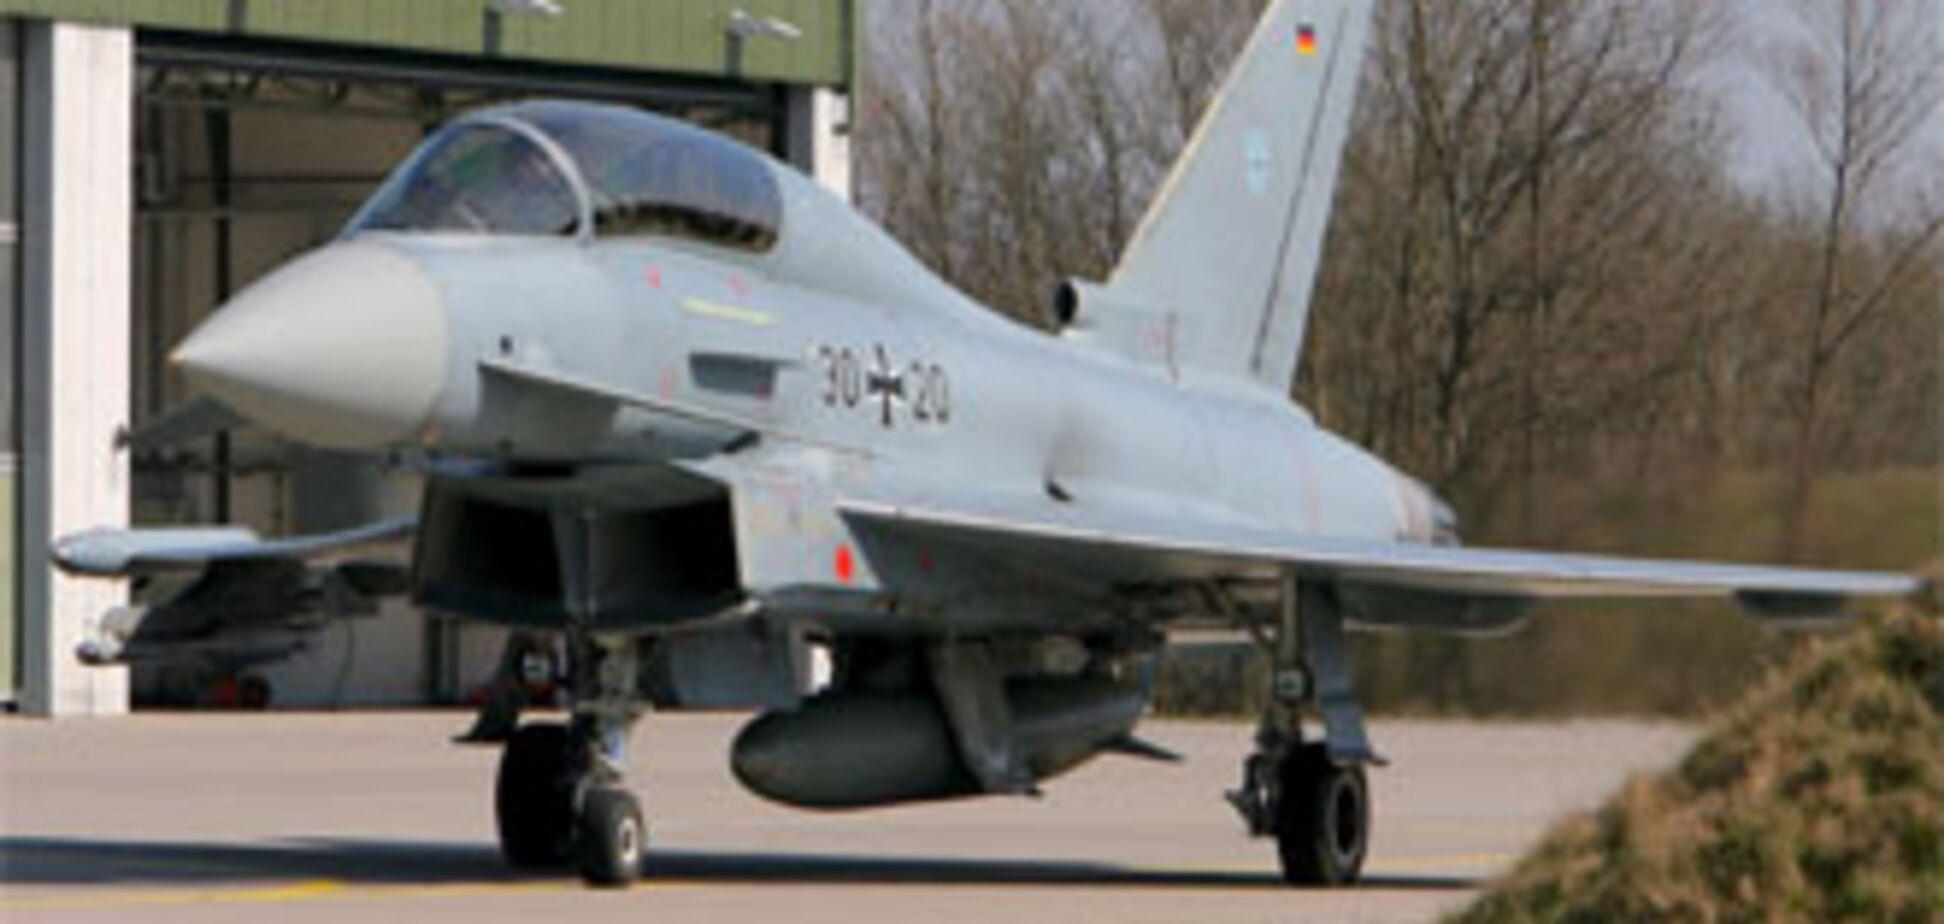 Над Балтикою сталося зіткнення винищувачів РФ і НАТО